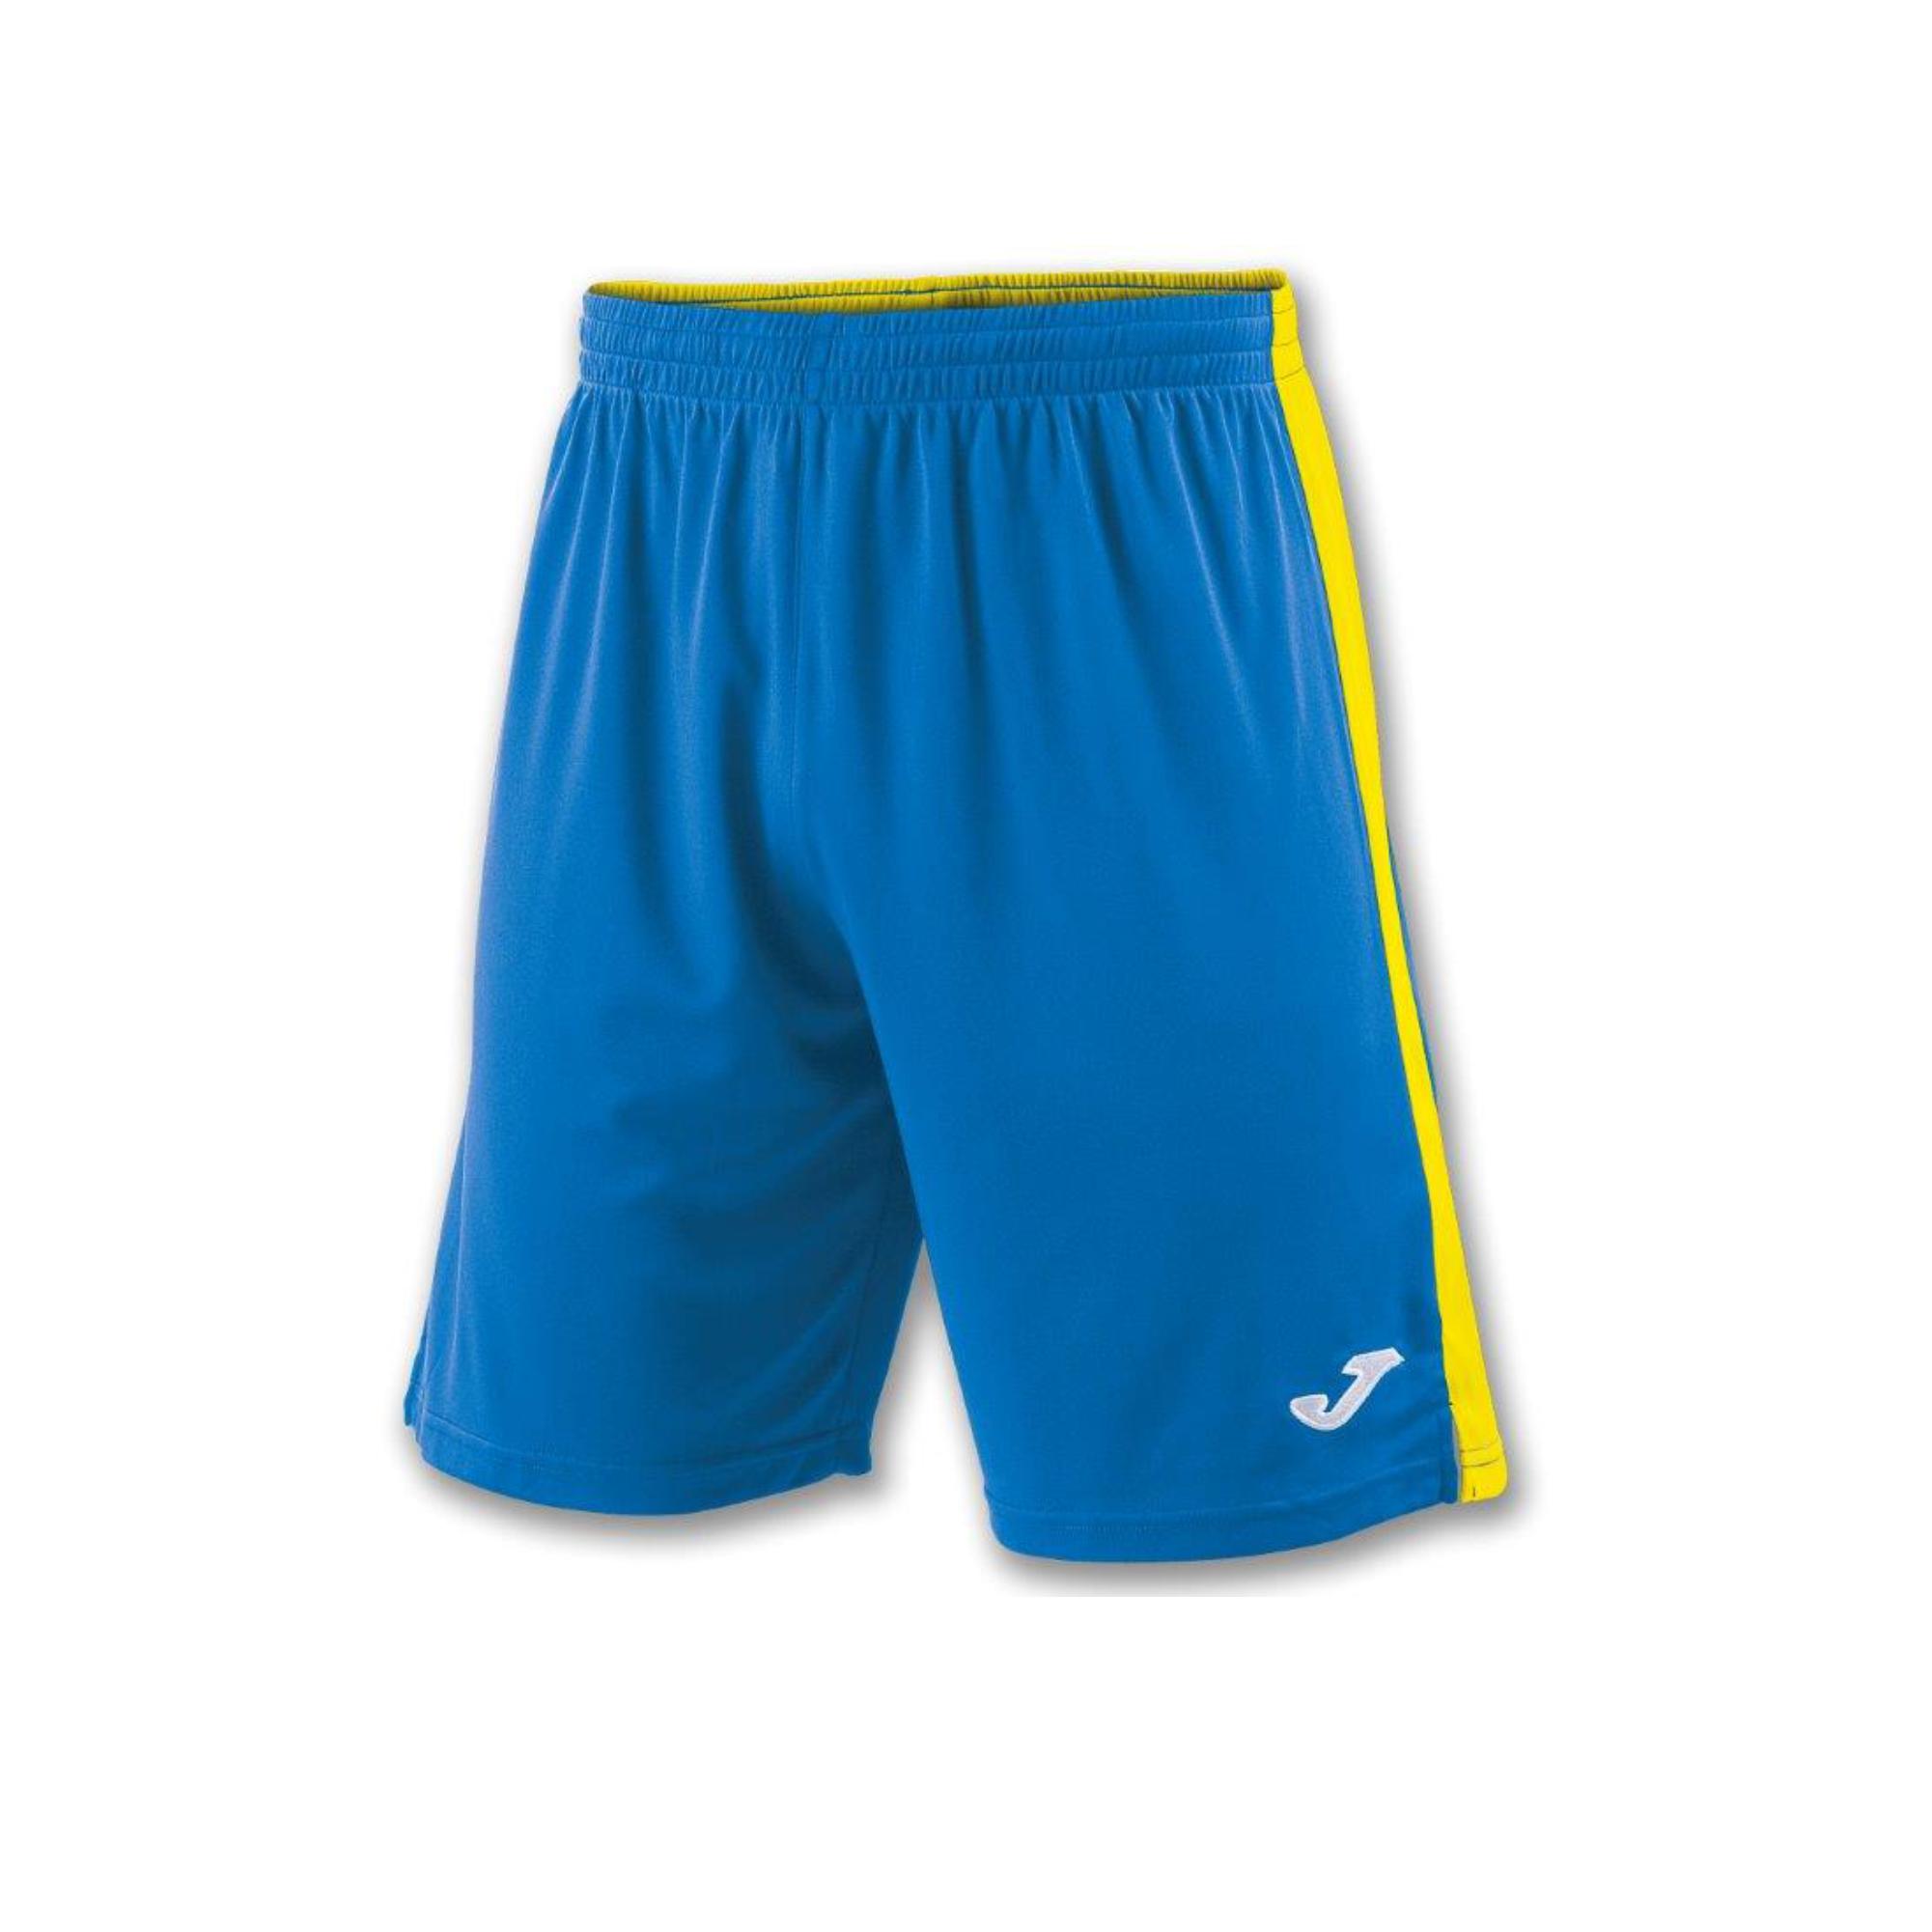 85c1a90c139 Dukinfield Marlins Short - JFC Sports